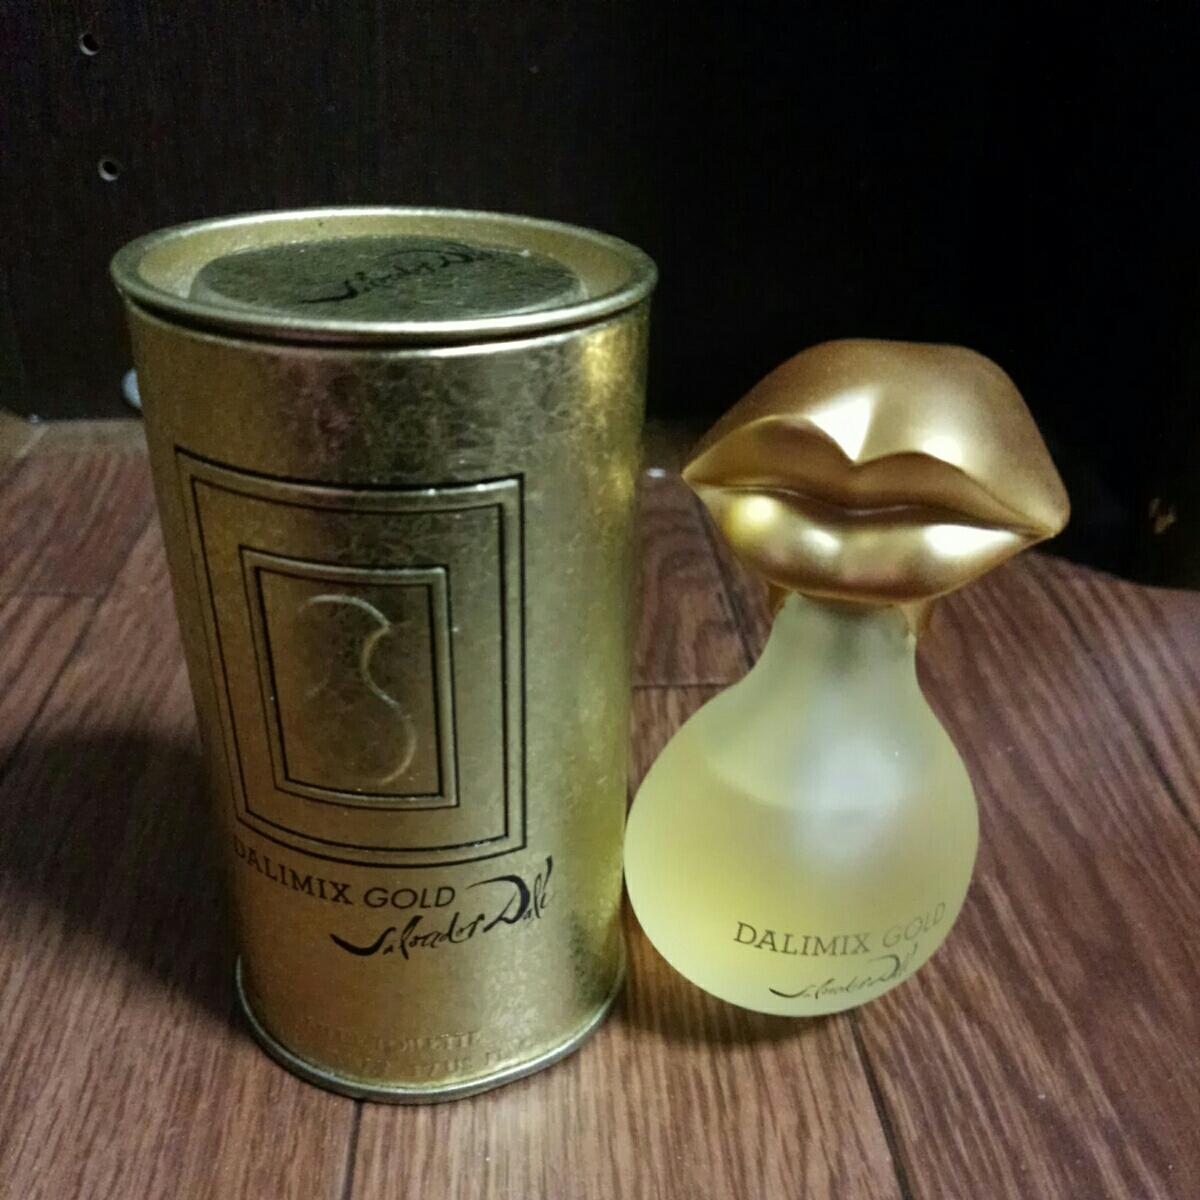 Salvador Dali サルバドール・ダリ DALMIX GOLD ダリミックス ゴールド オードトワレ EDT フランス製 香水 50ml